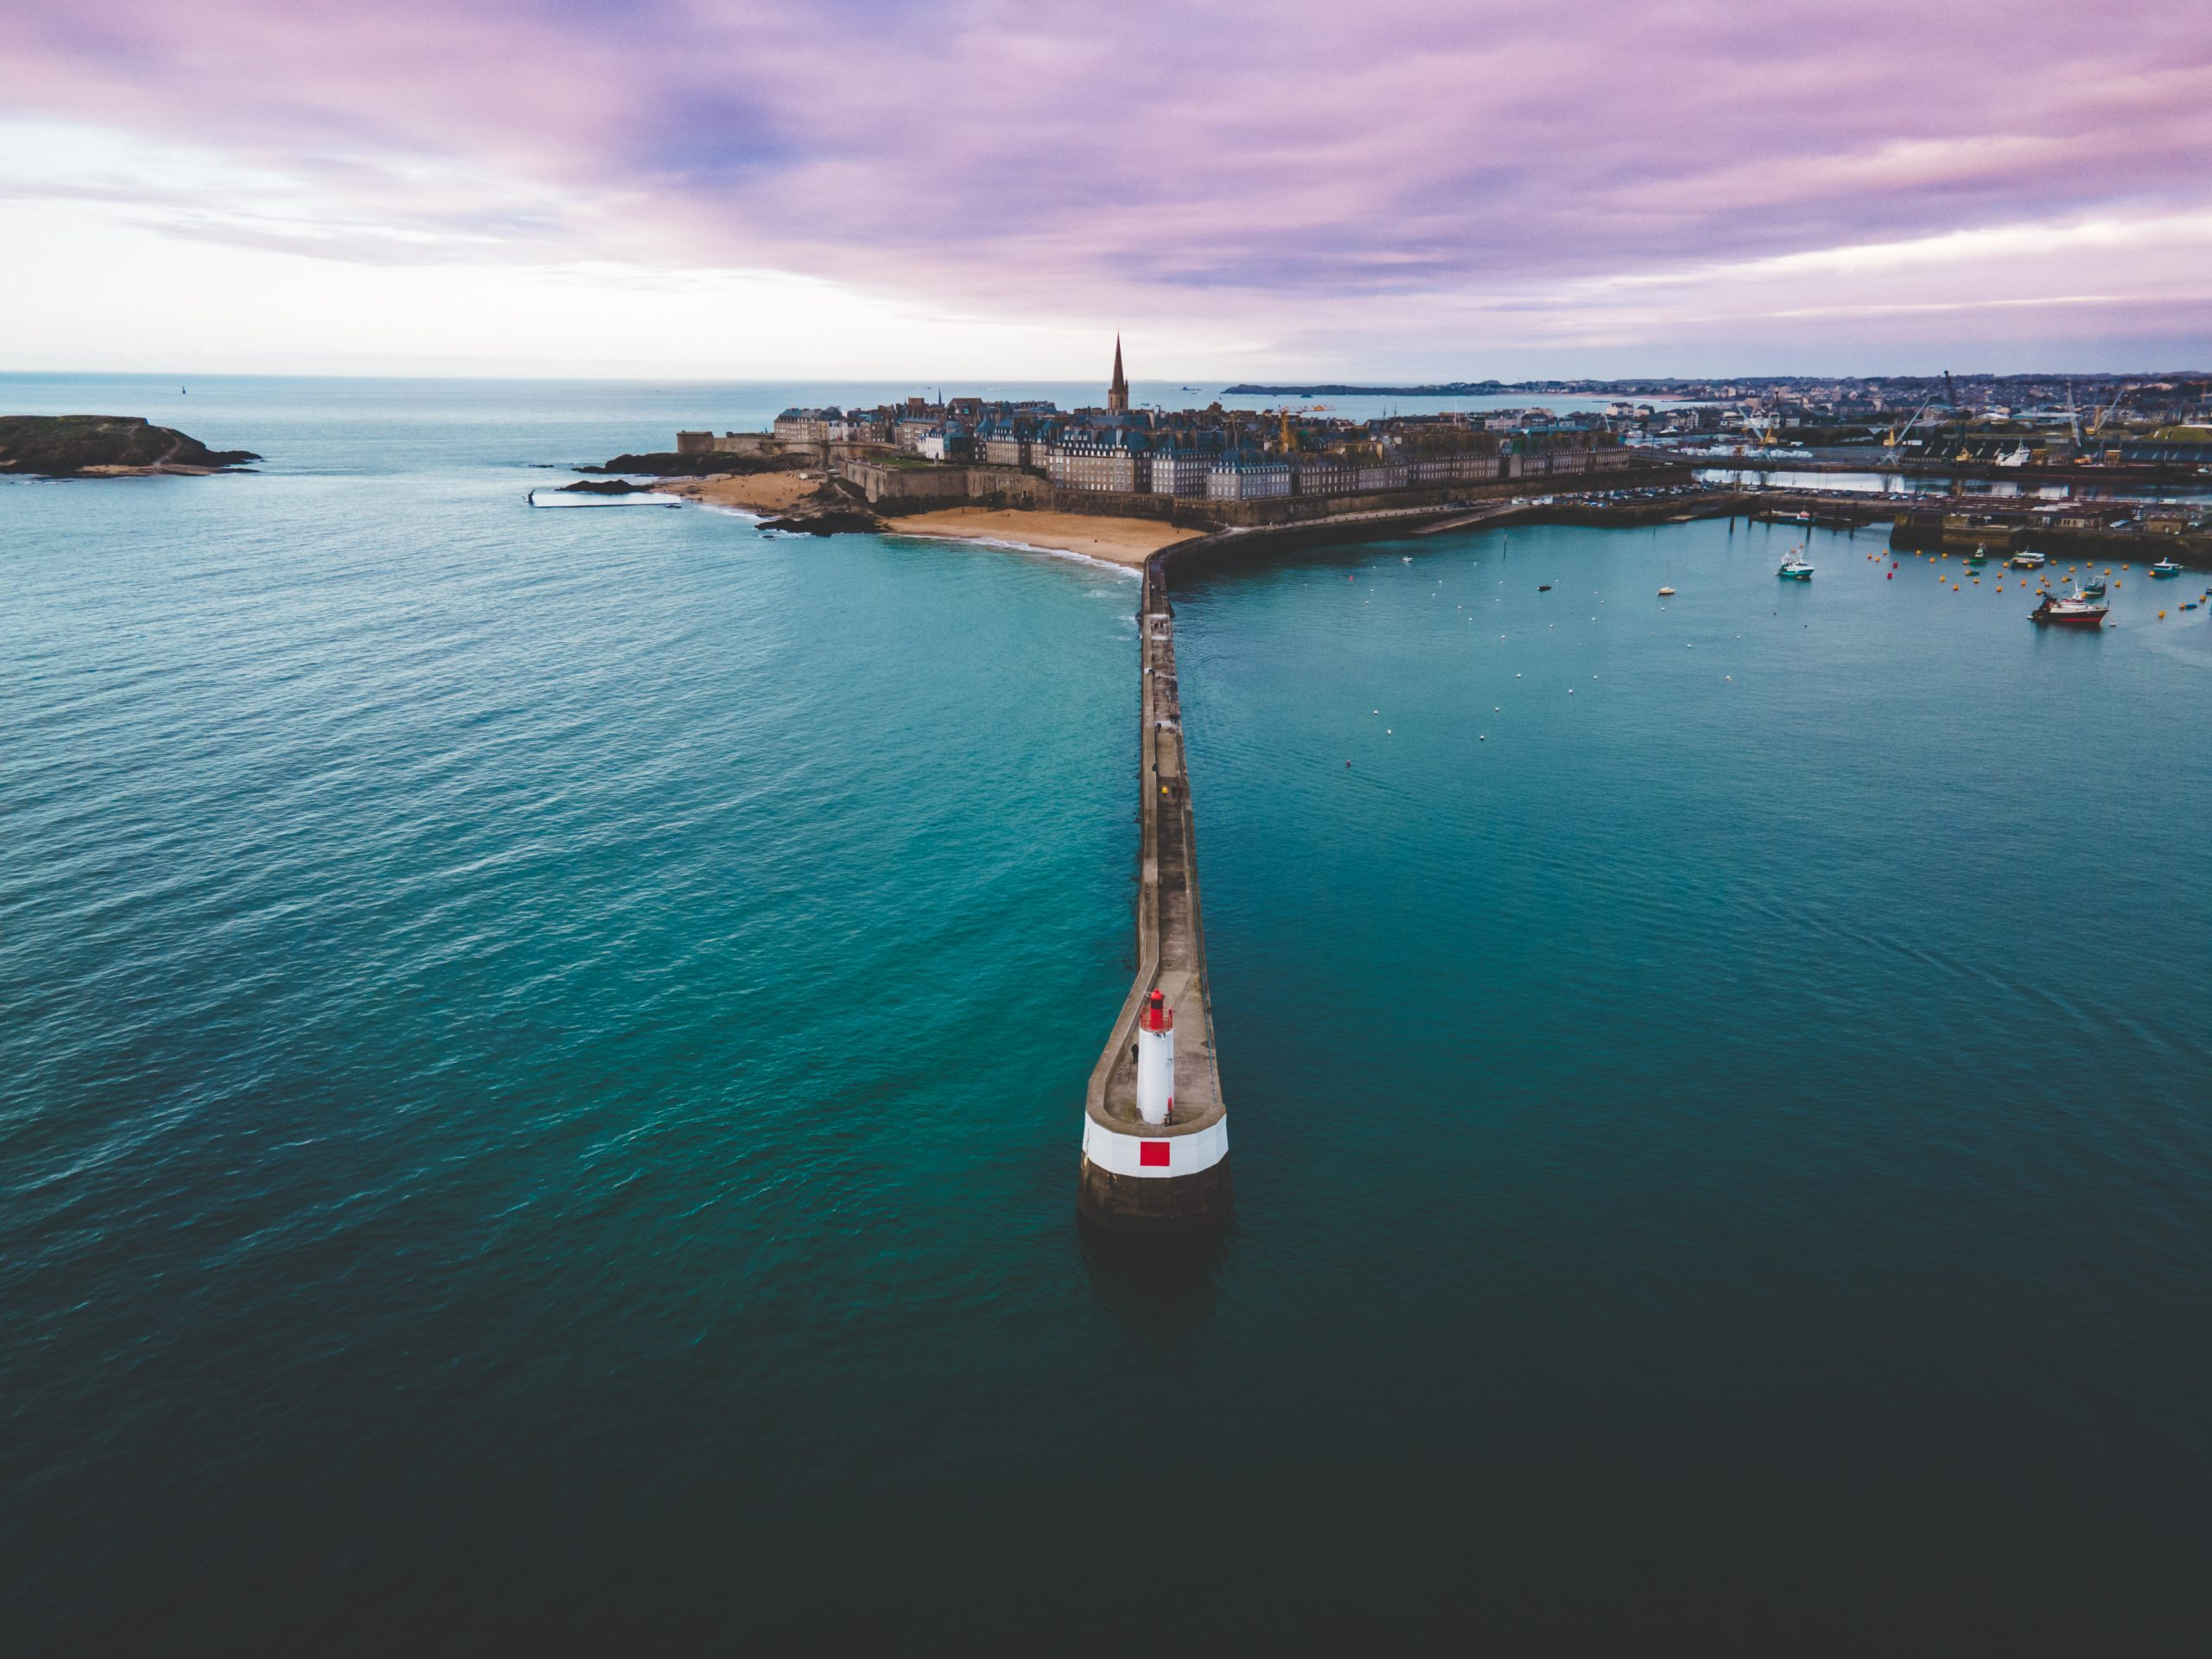 Le phare de Saint-Malo et sa mythique jetée en forme de serpent vue depuis un drône